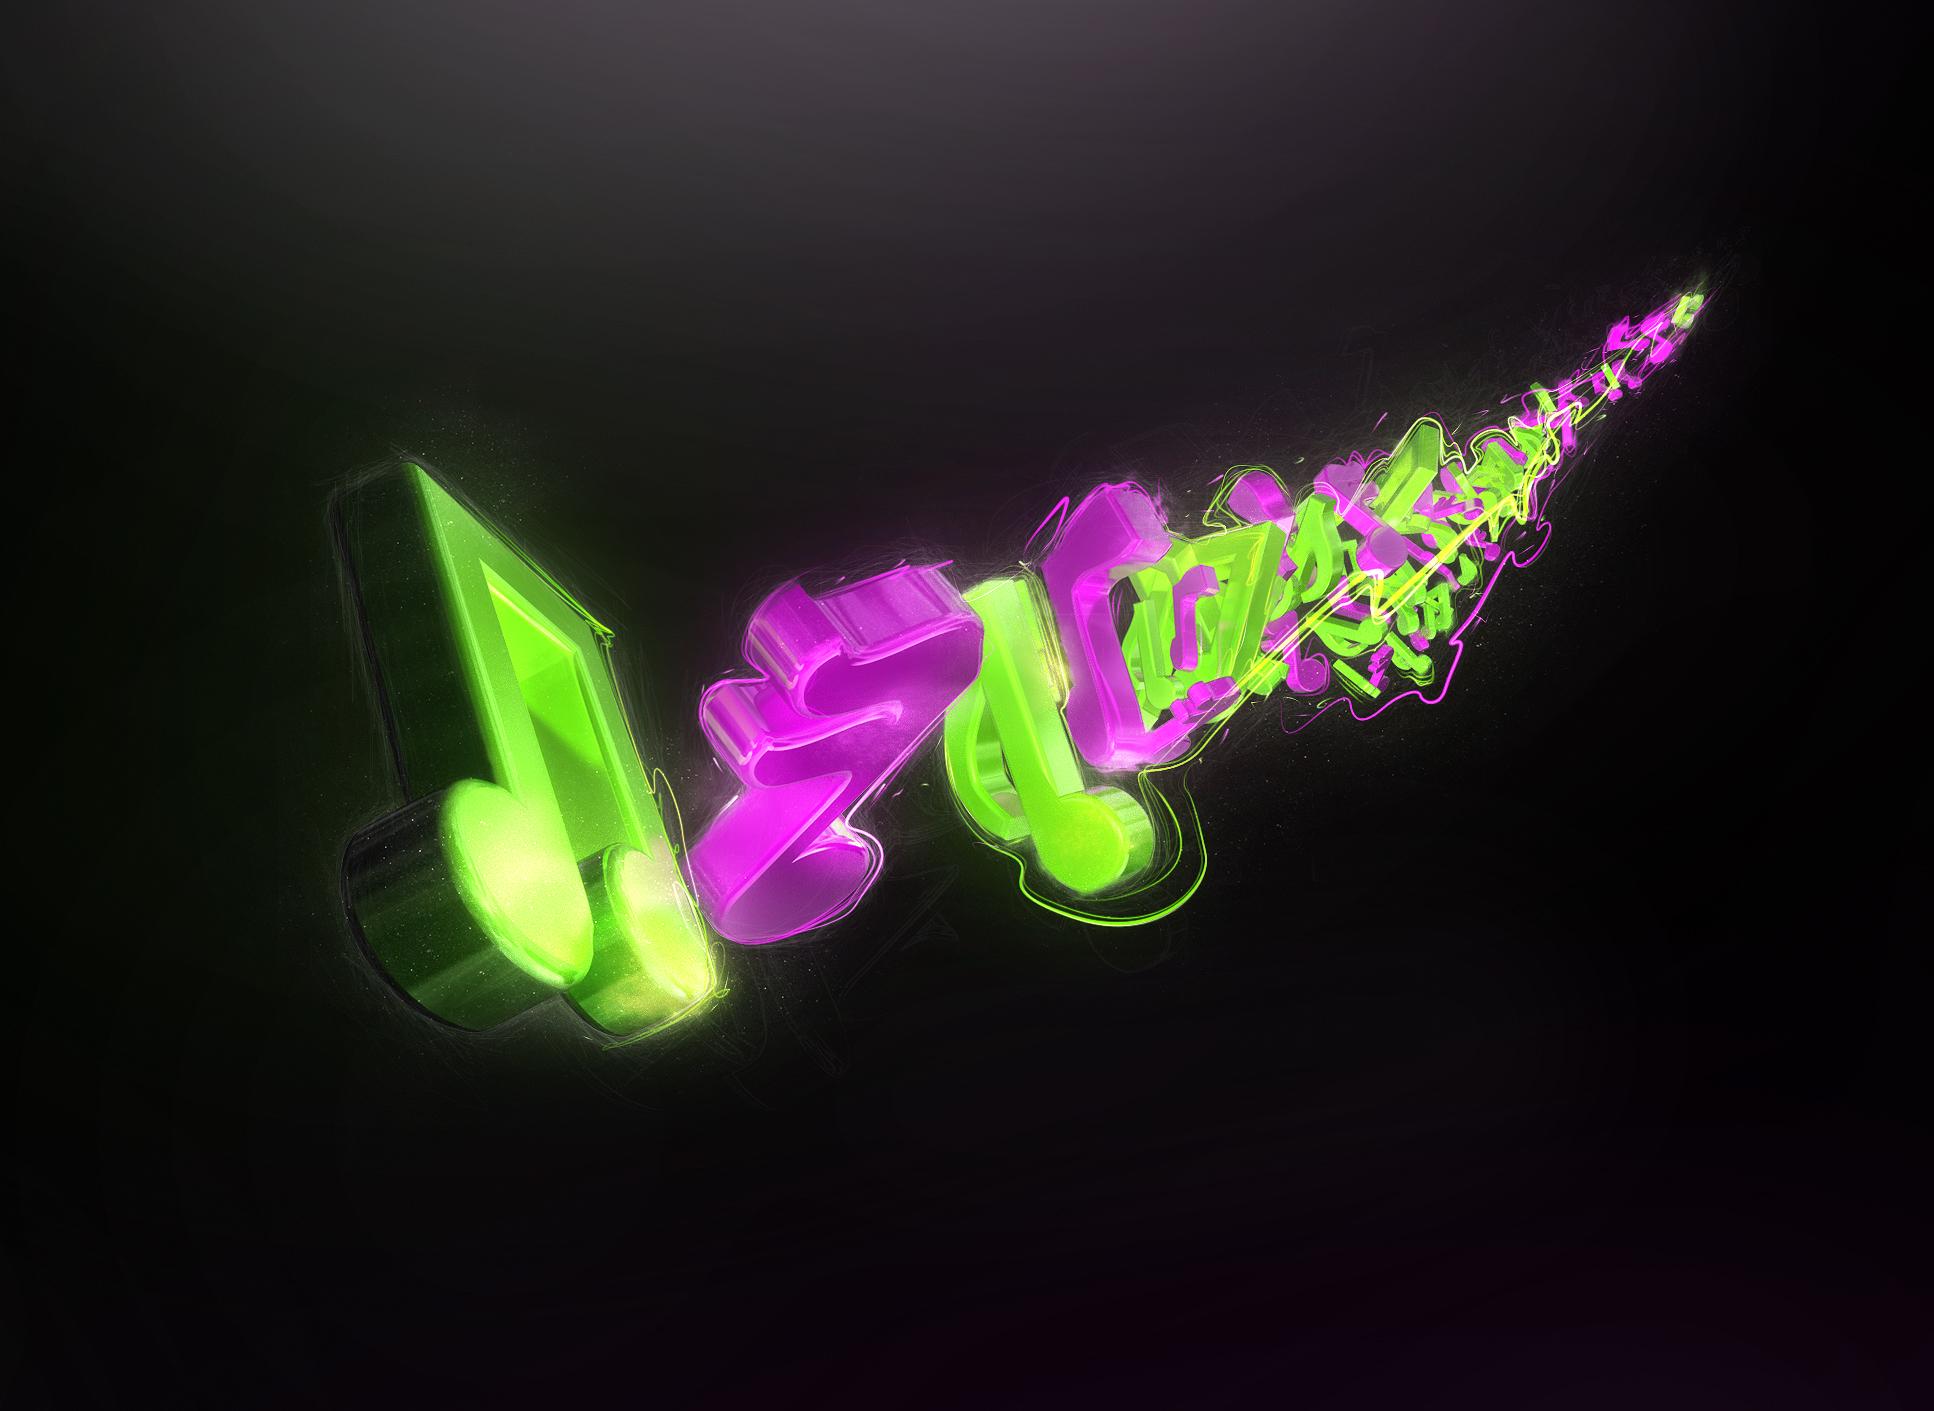 muzieknoot-bewegende-animatie-0043